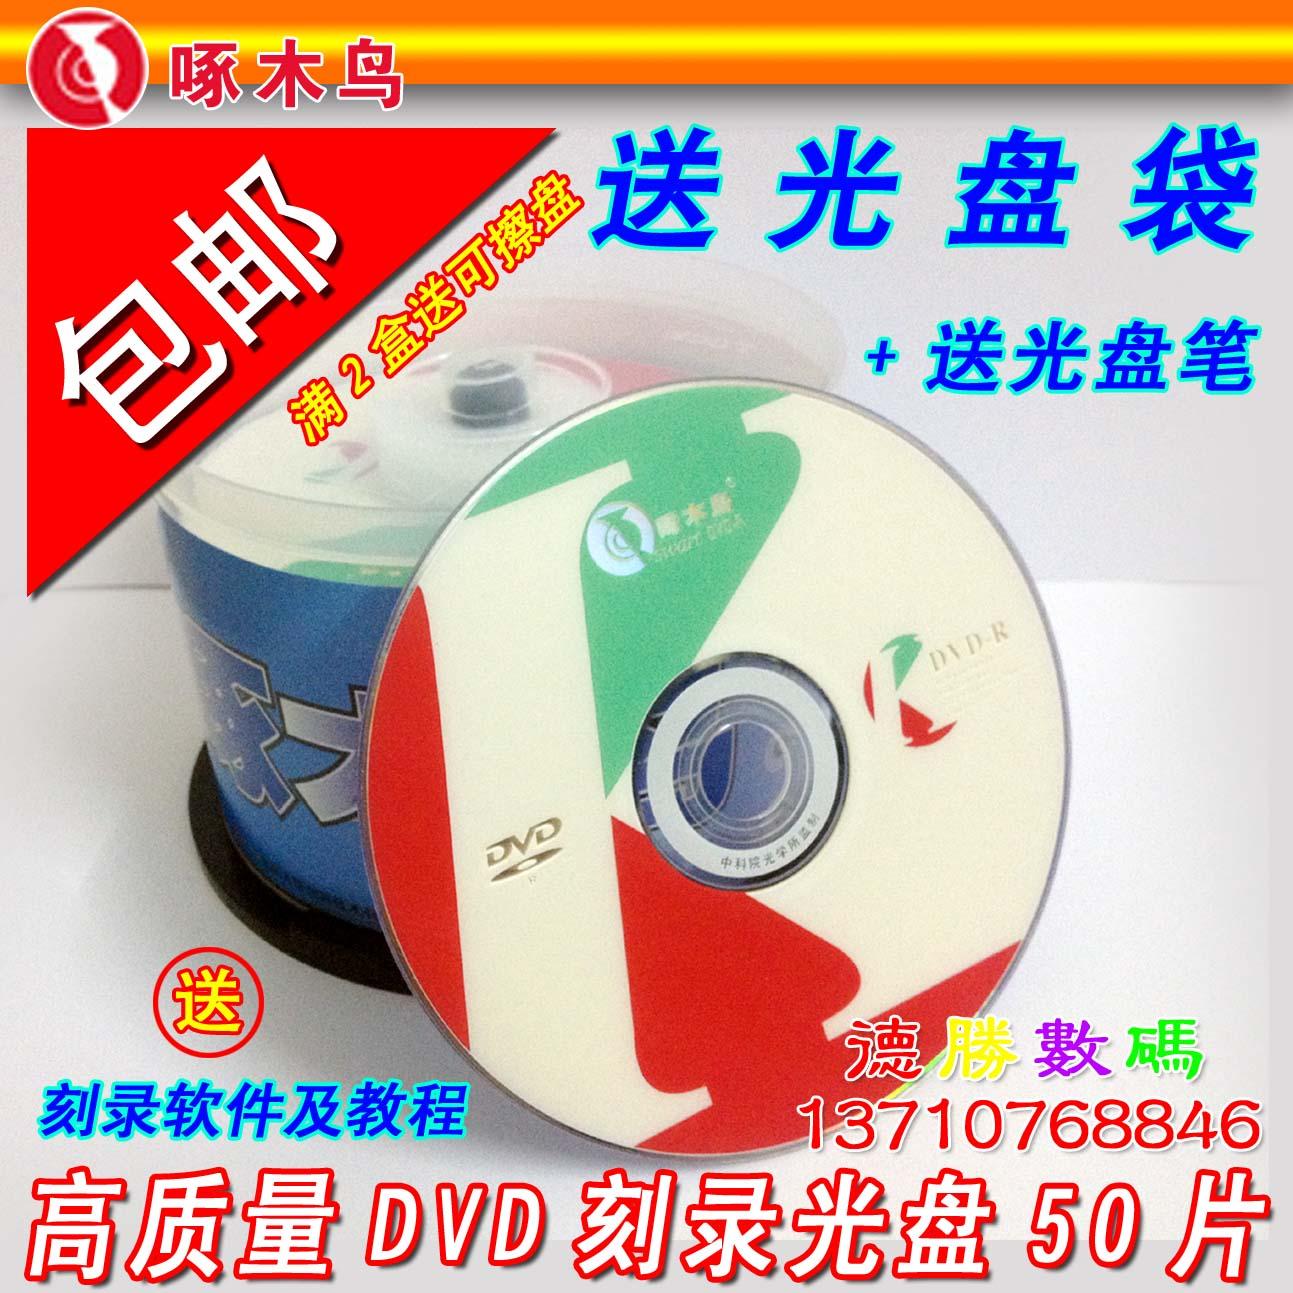 Бесплатная доставка ~ деревянная птица клевать /DVD-R банан DVD пустой cd гравировка запись DVD-R cd 4.7GB 50 лист